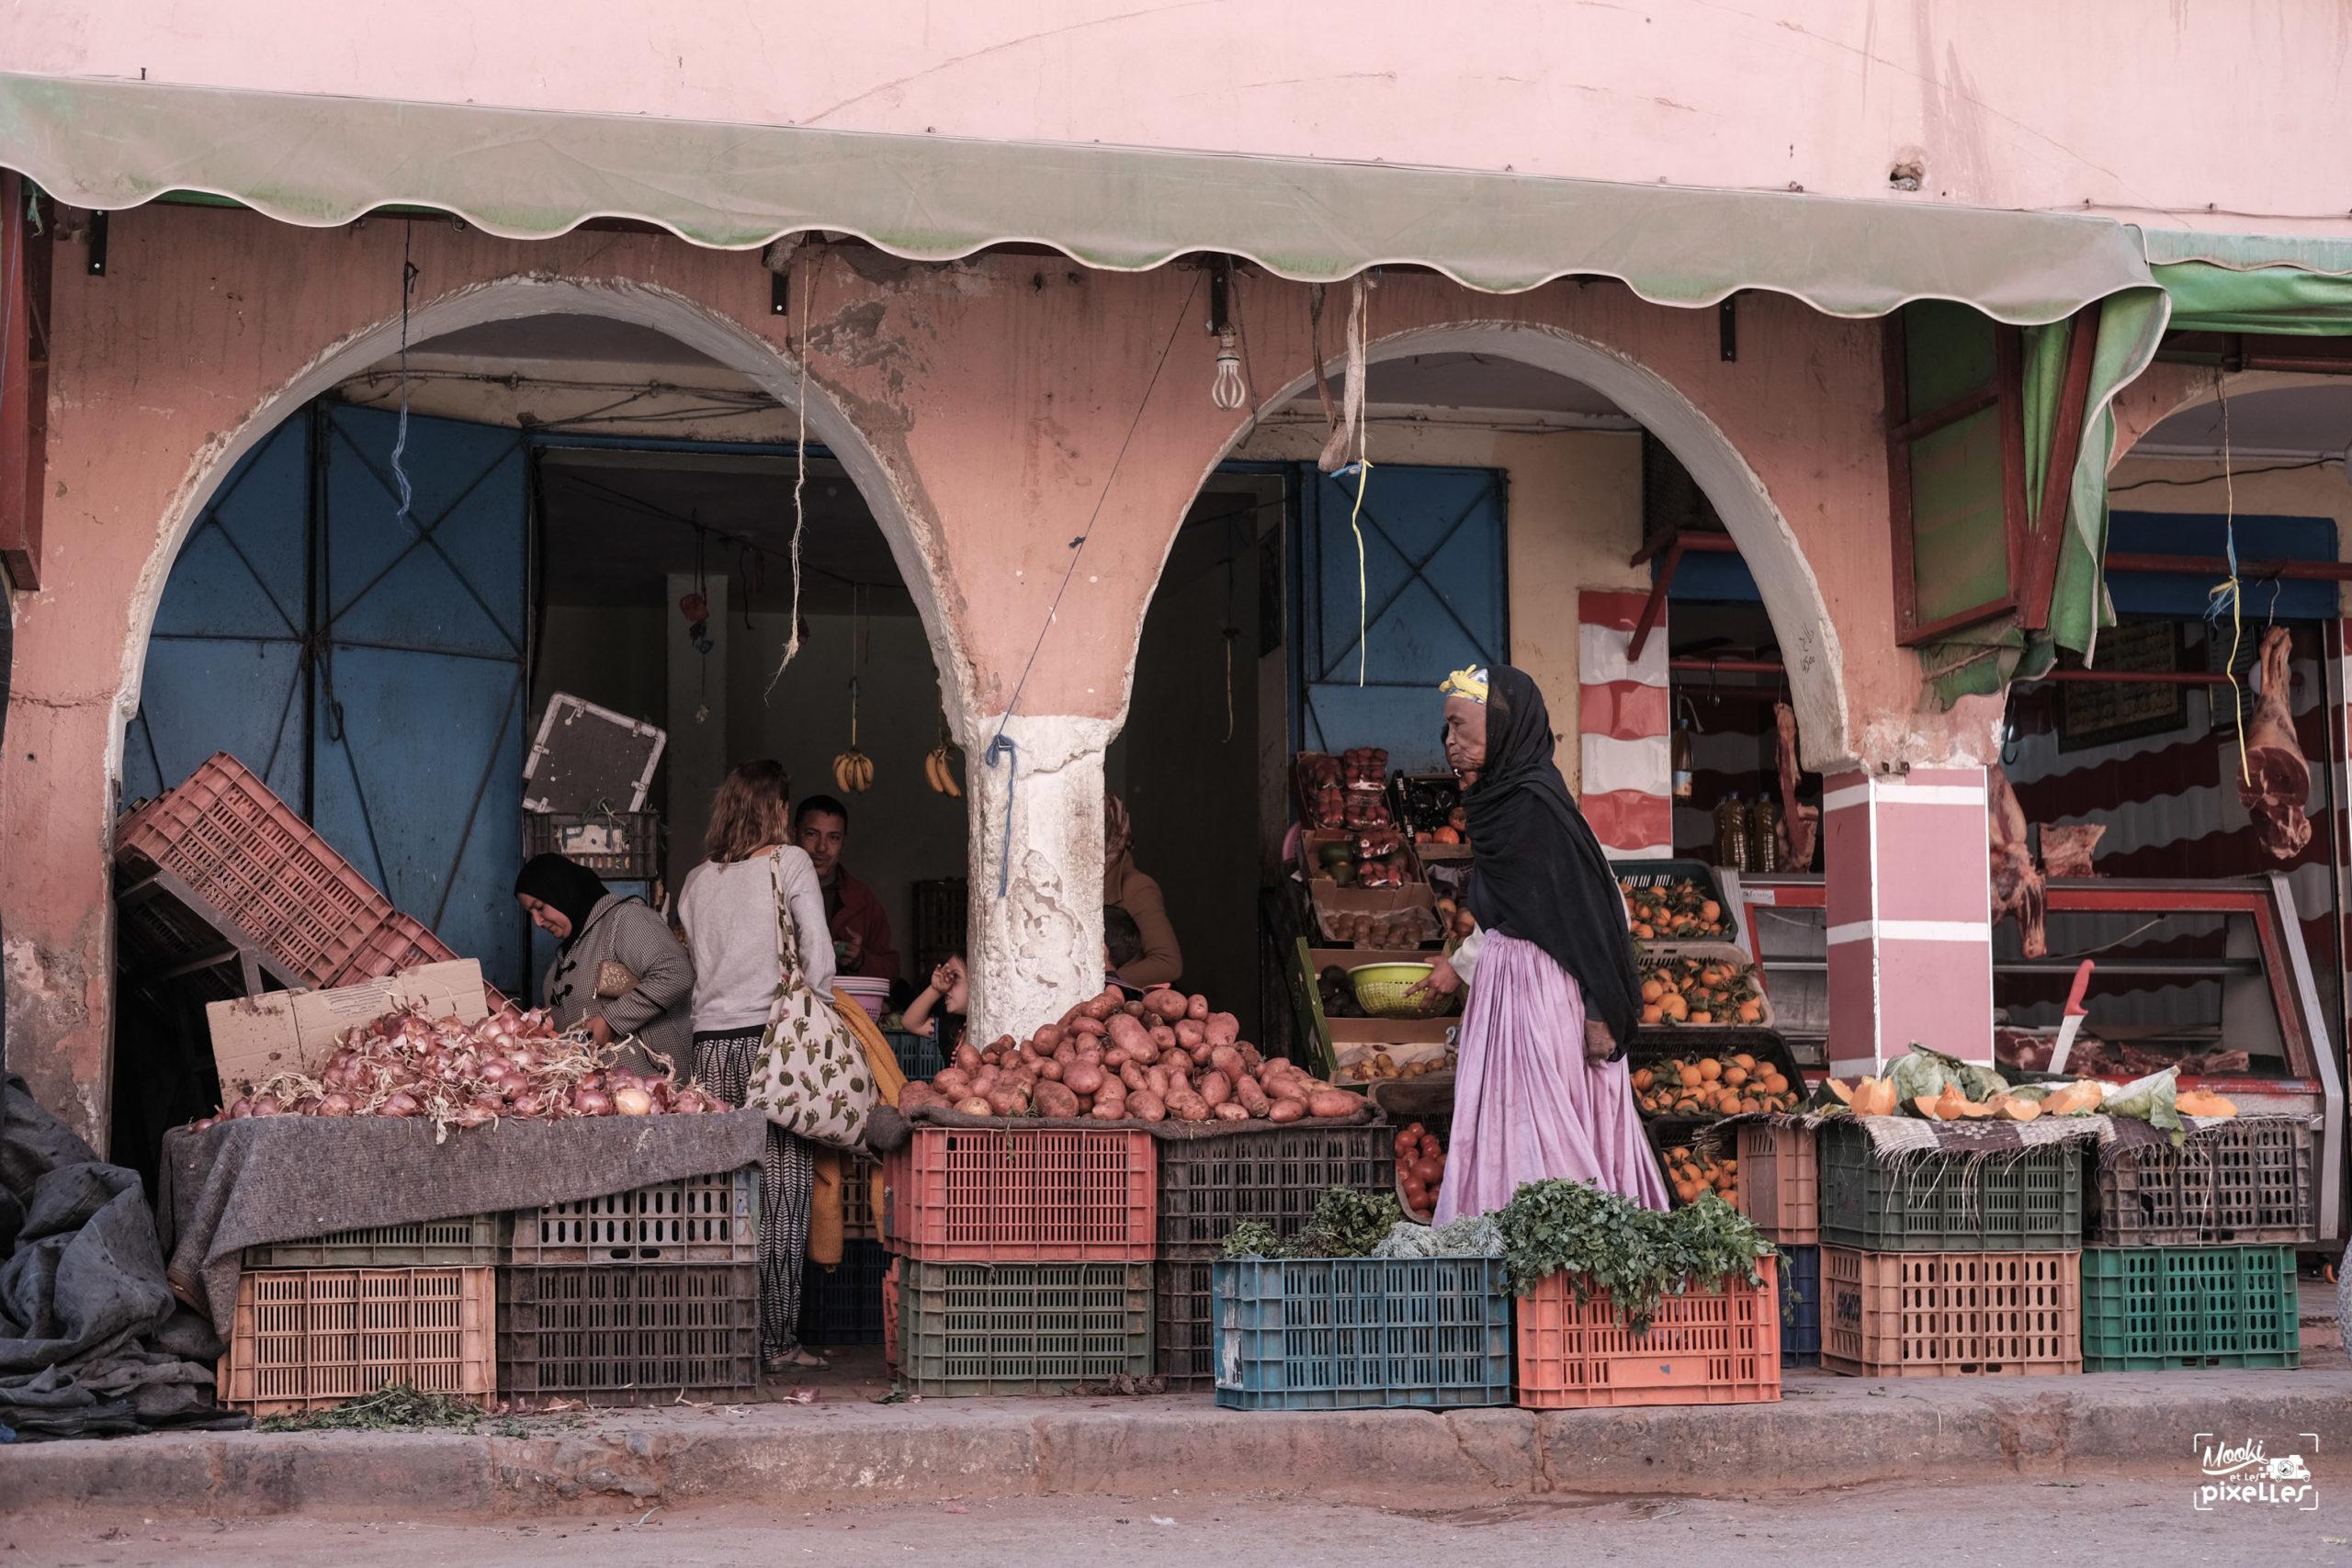 Etale de fruits et légumes dans la ville de Tata au Maroc